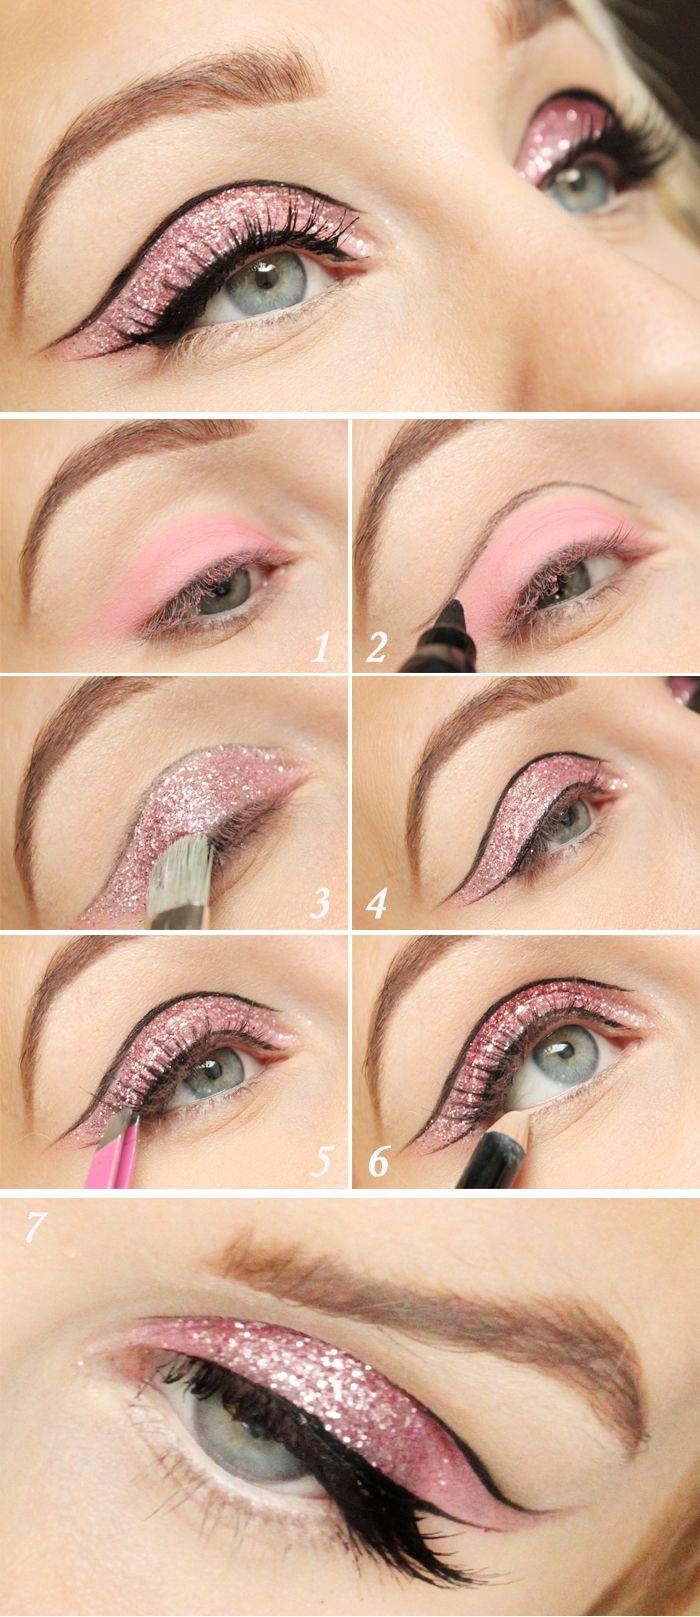 Pink Glitter eyemakeup tutorial